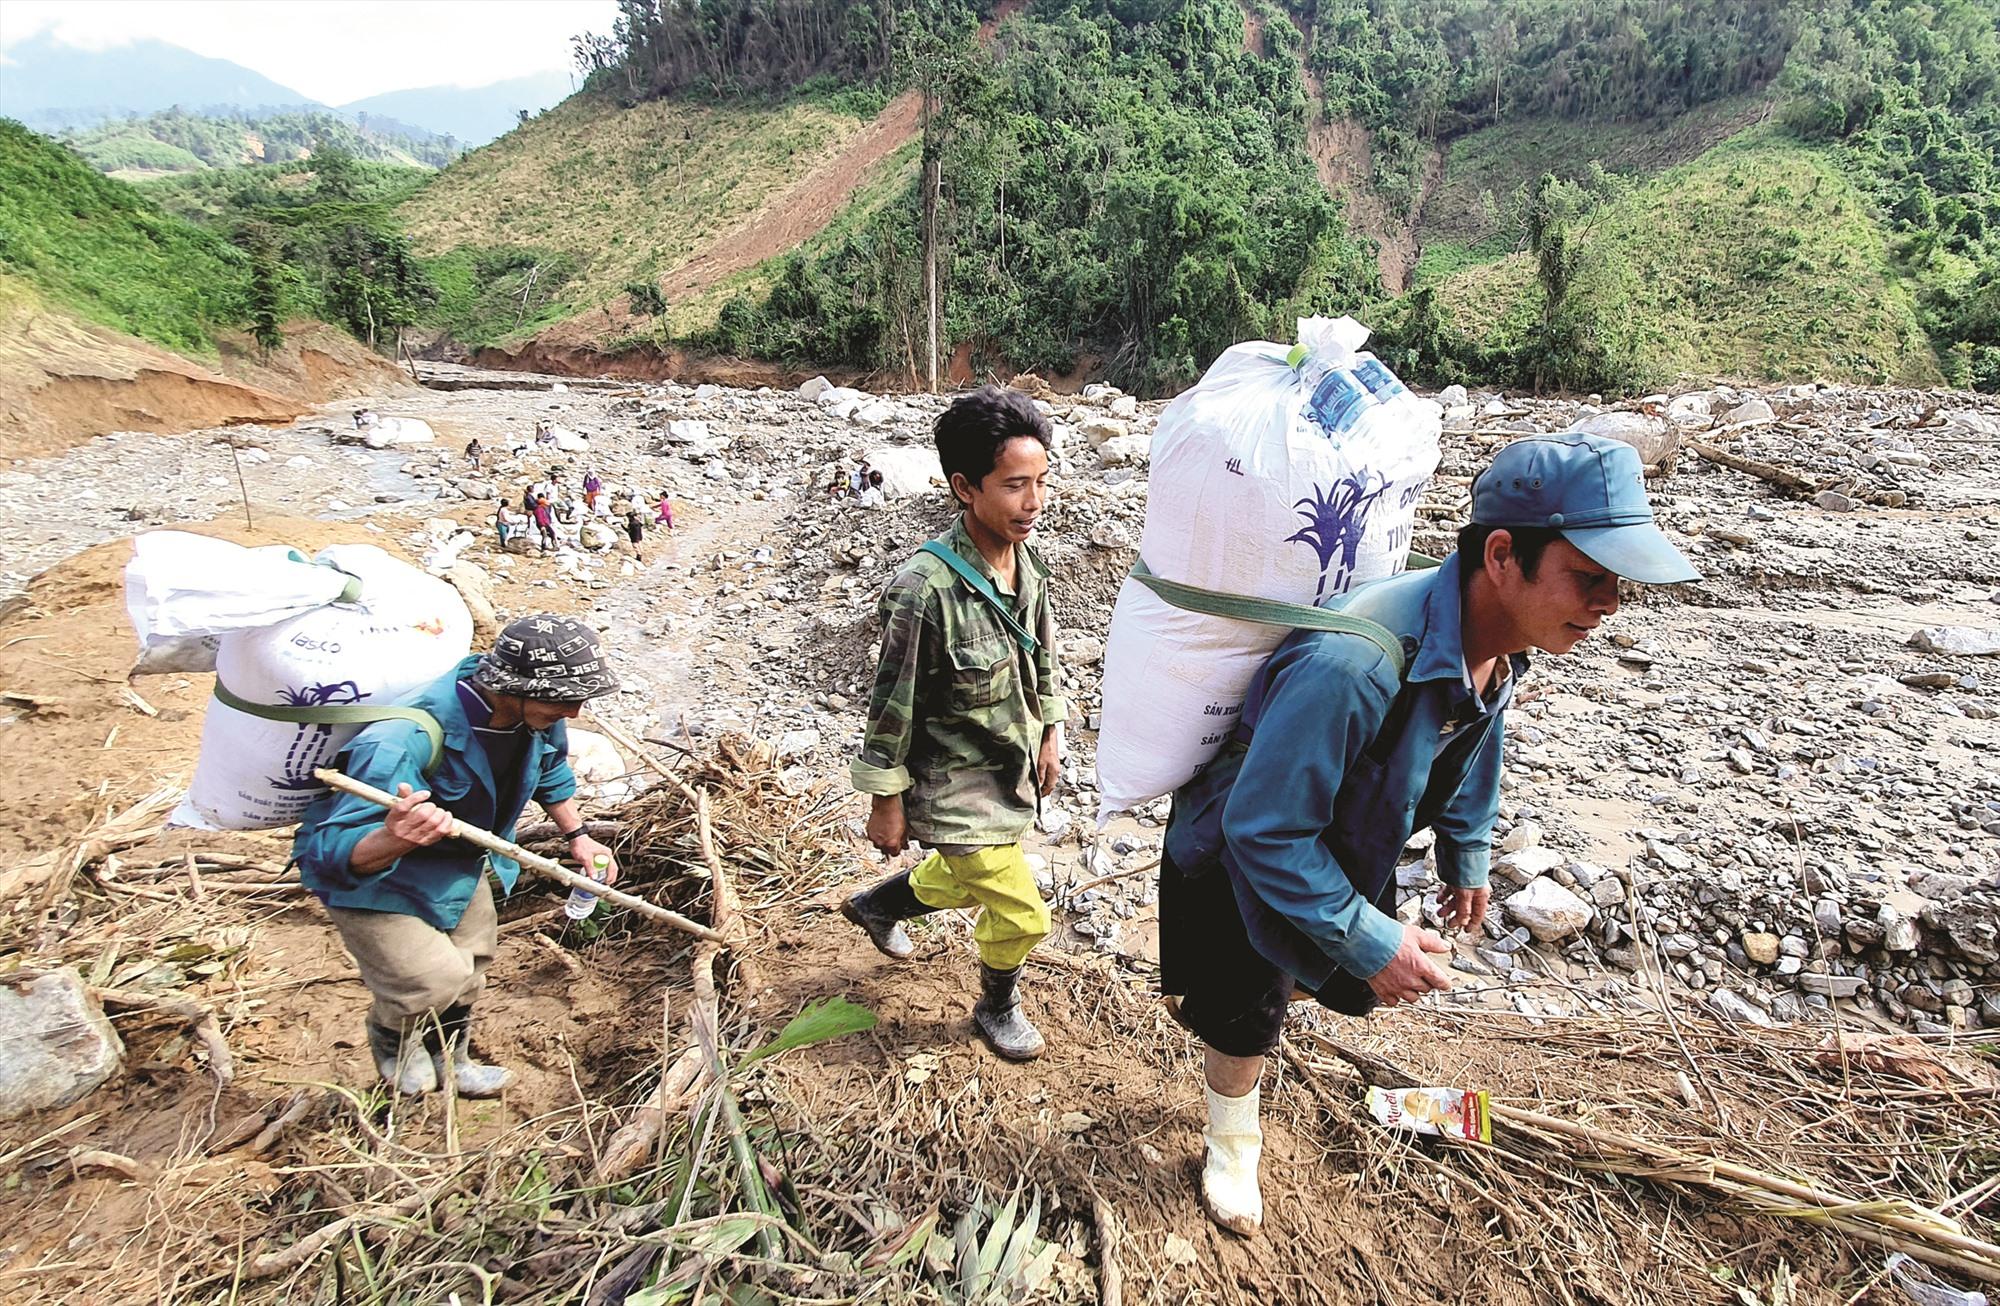 Gùi cõng lương thực, thực phẩm tiếp tế bà con vùng cô lập do sạt lở, lũ quét sau bão số 9 ở Phước Sơn. Ảnh: HUỲNH CHÍN